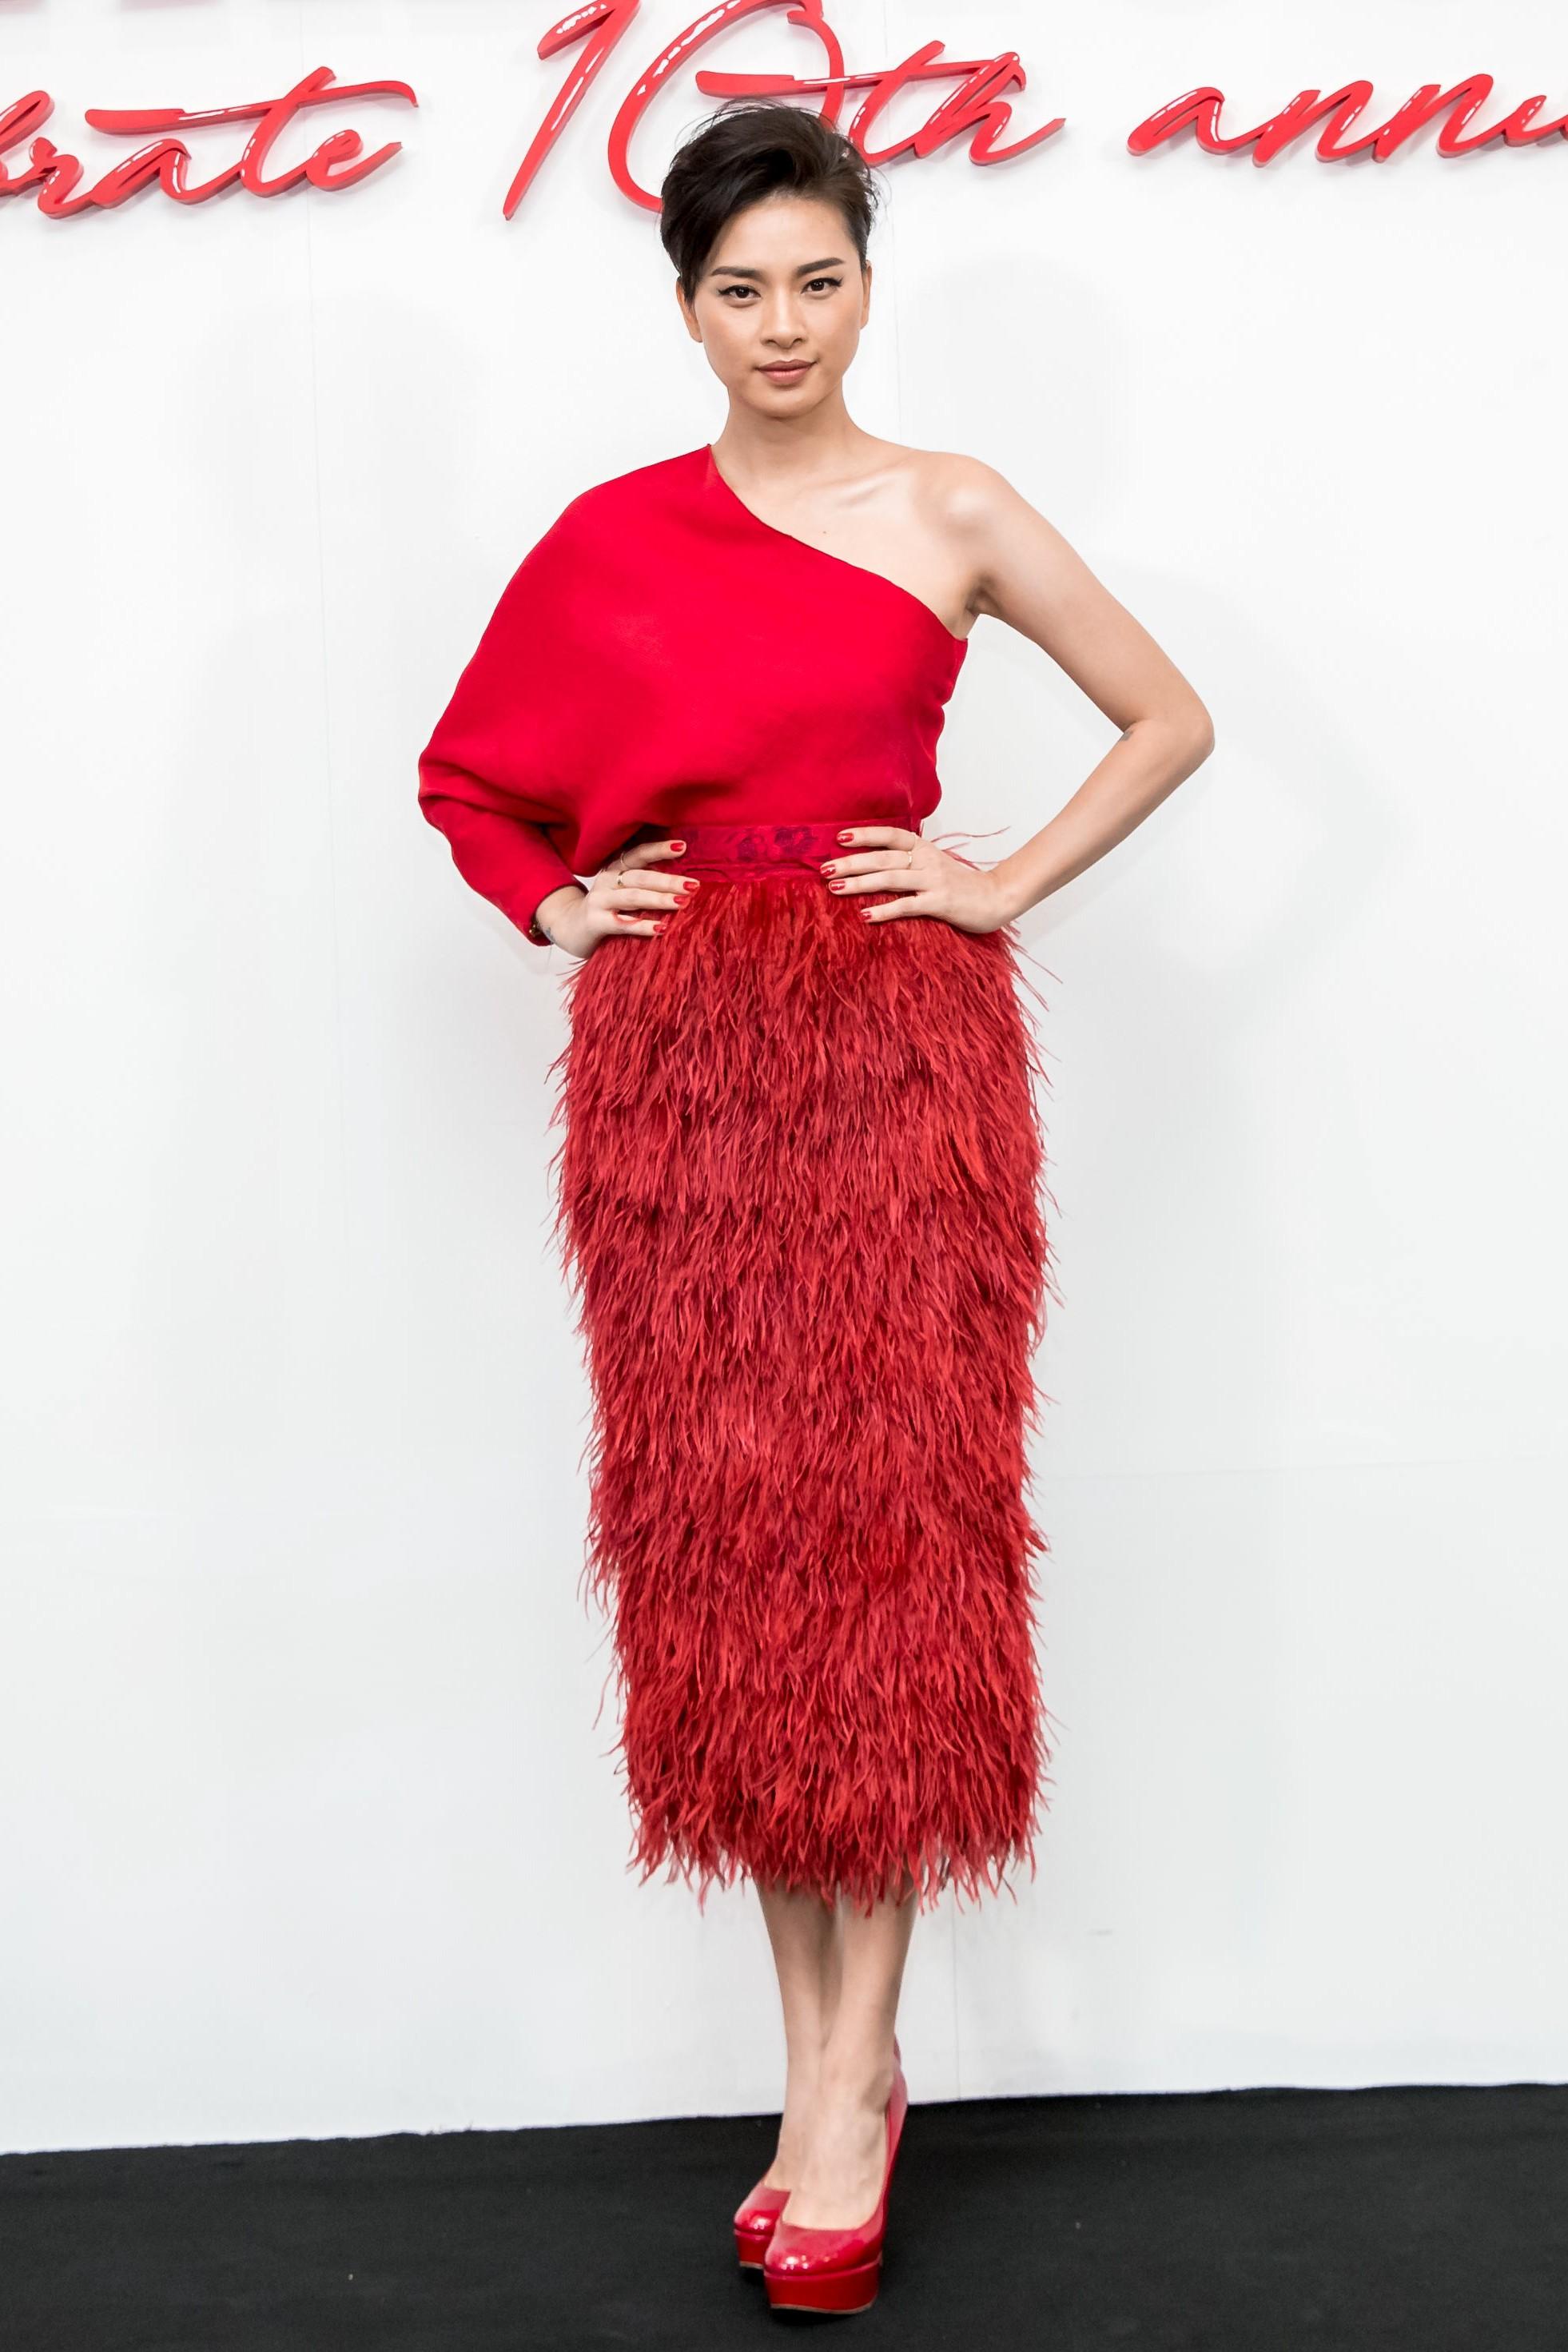 Angela Phương Trinh mang cả tổ chim lên đầu, nổi bật giữa dàn mỹ nhân tuyền màu đỏ của NTK Đỗ Mạnh Cường - Ảnh 13.